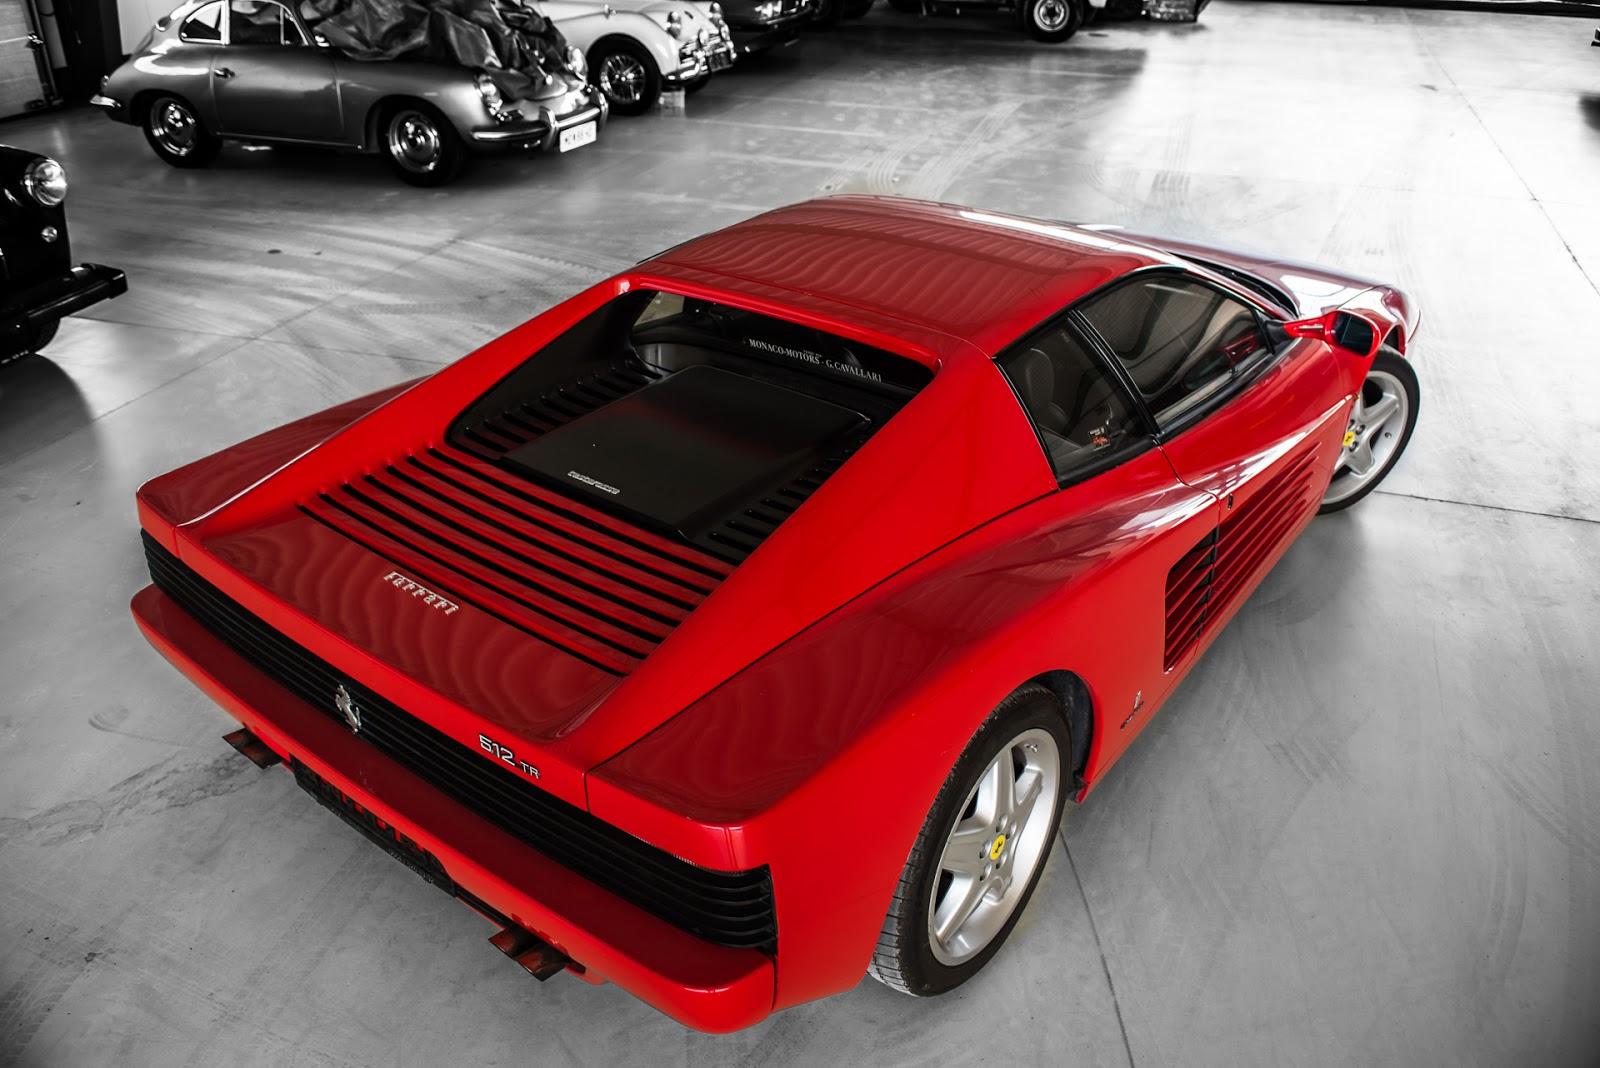 Aus österreichs Garagen 1992 Ferrari 512 Tr Autofilou